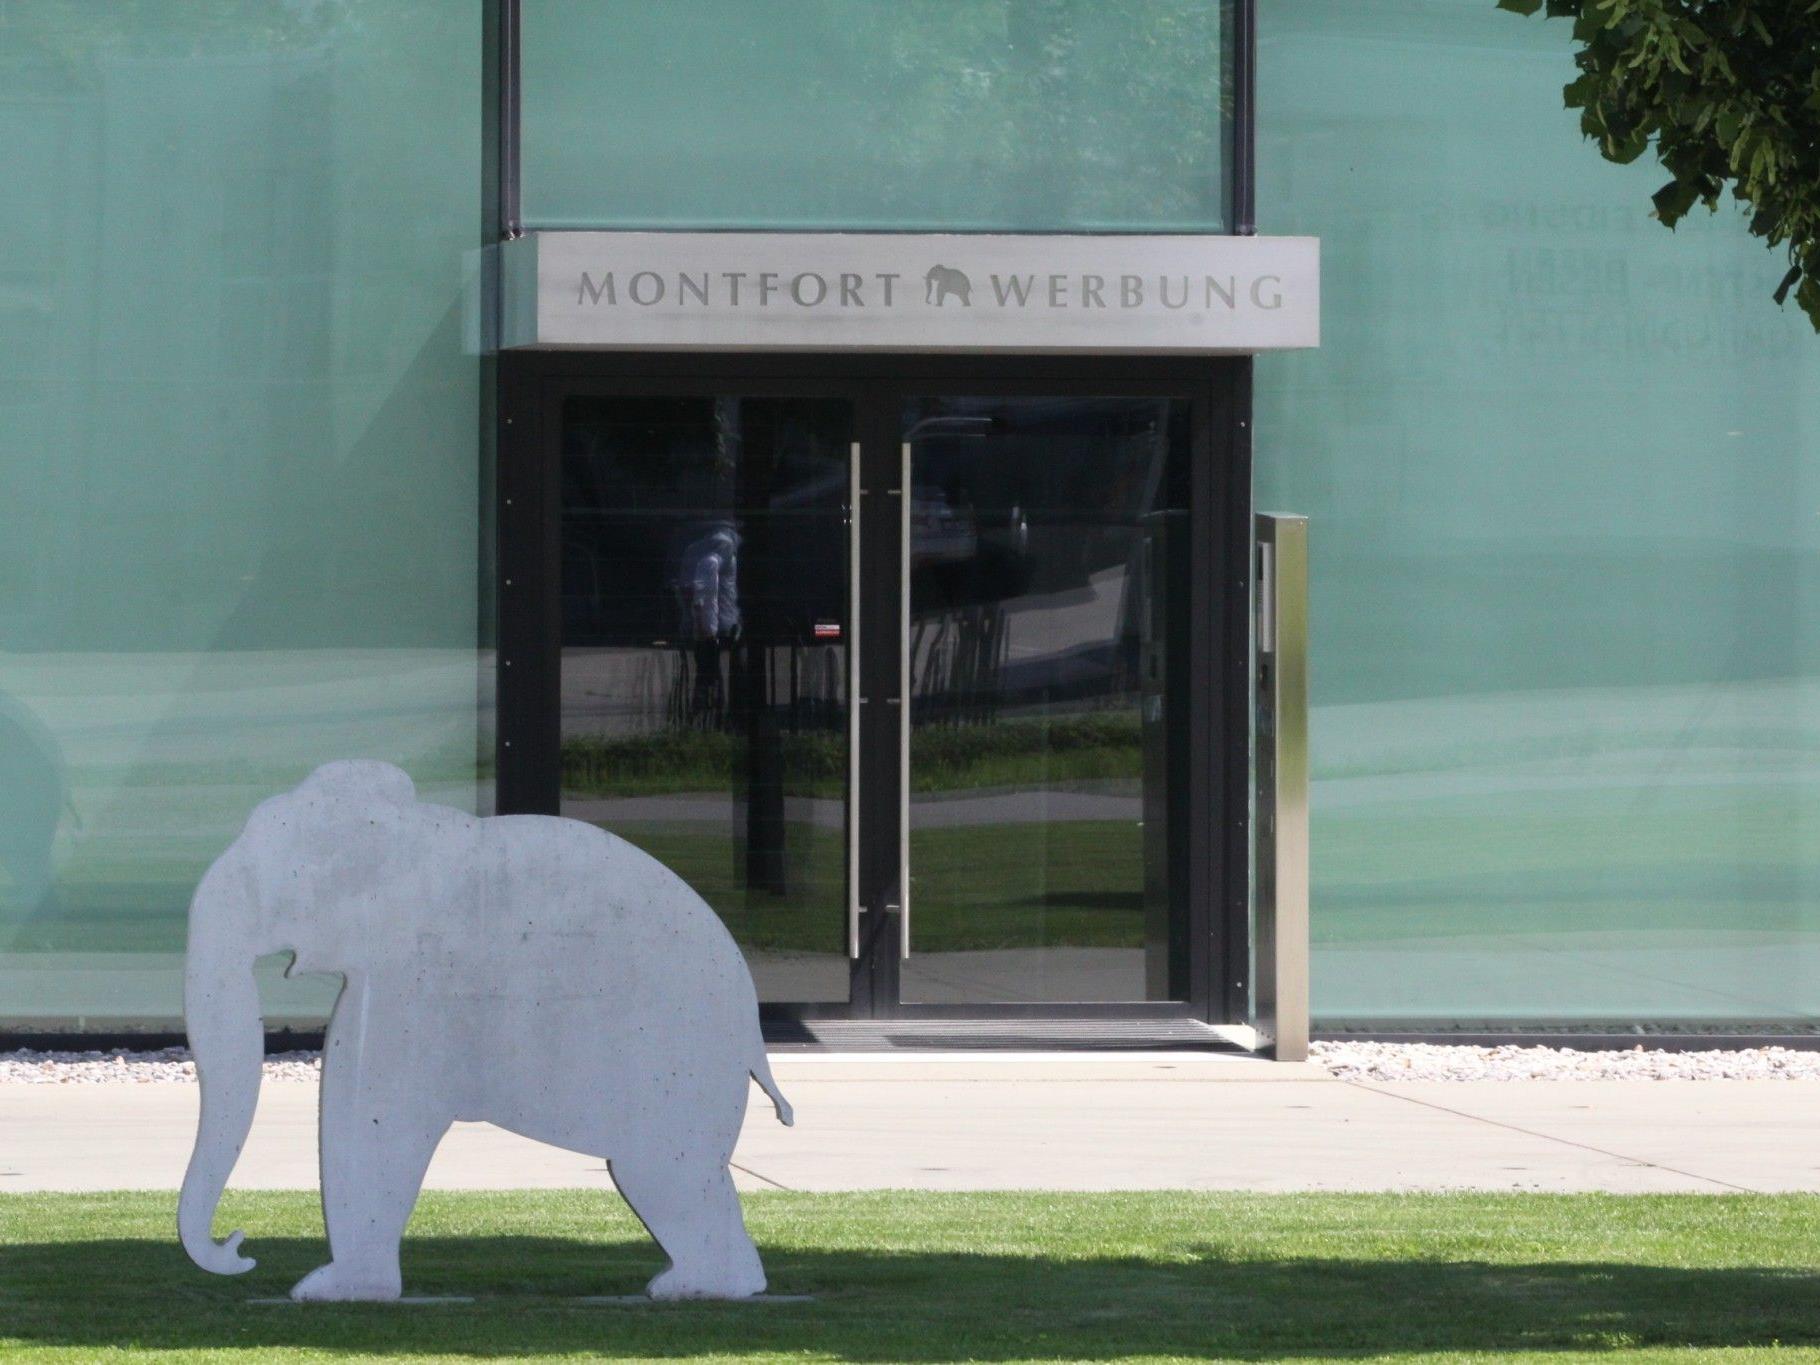 Agenturgeschäftsführer von Montfort Werbung bekämpfte Sicherstellungsbescheid bisher erfolglos.